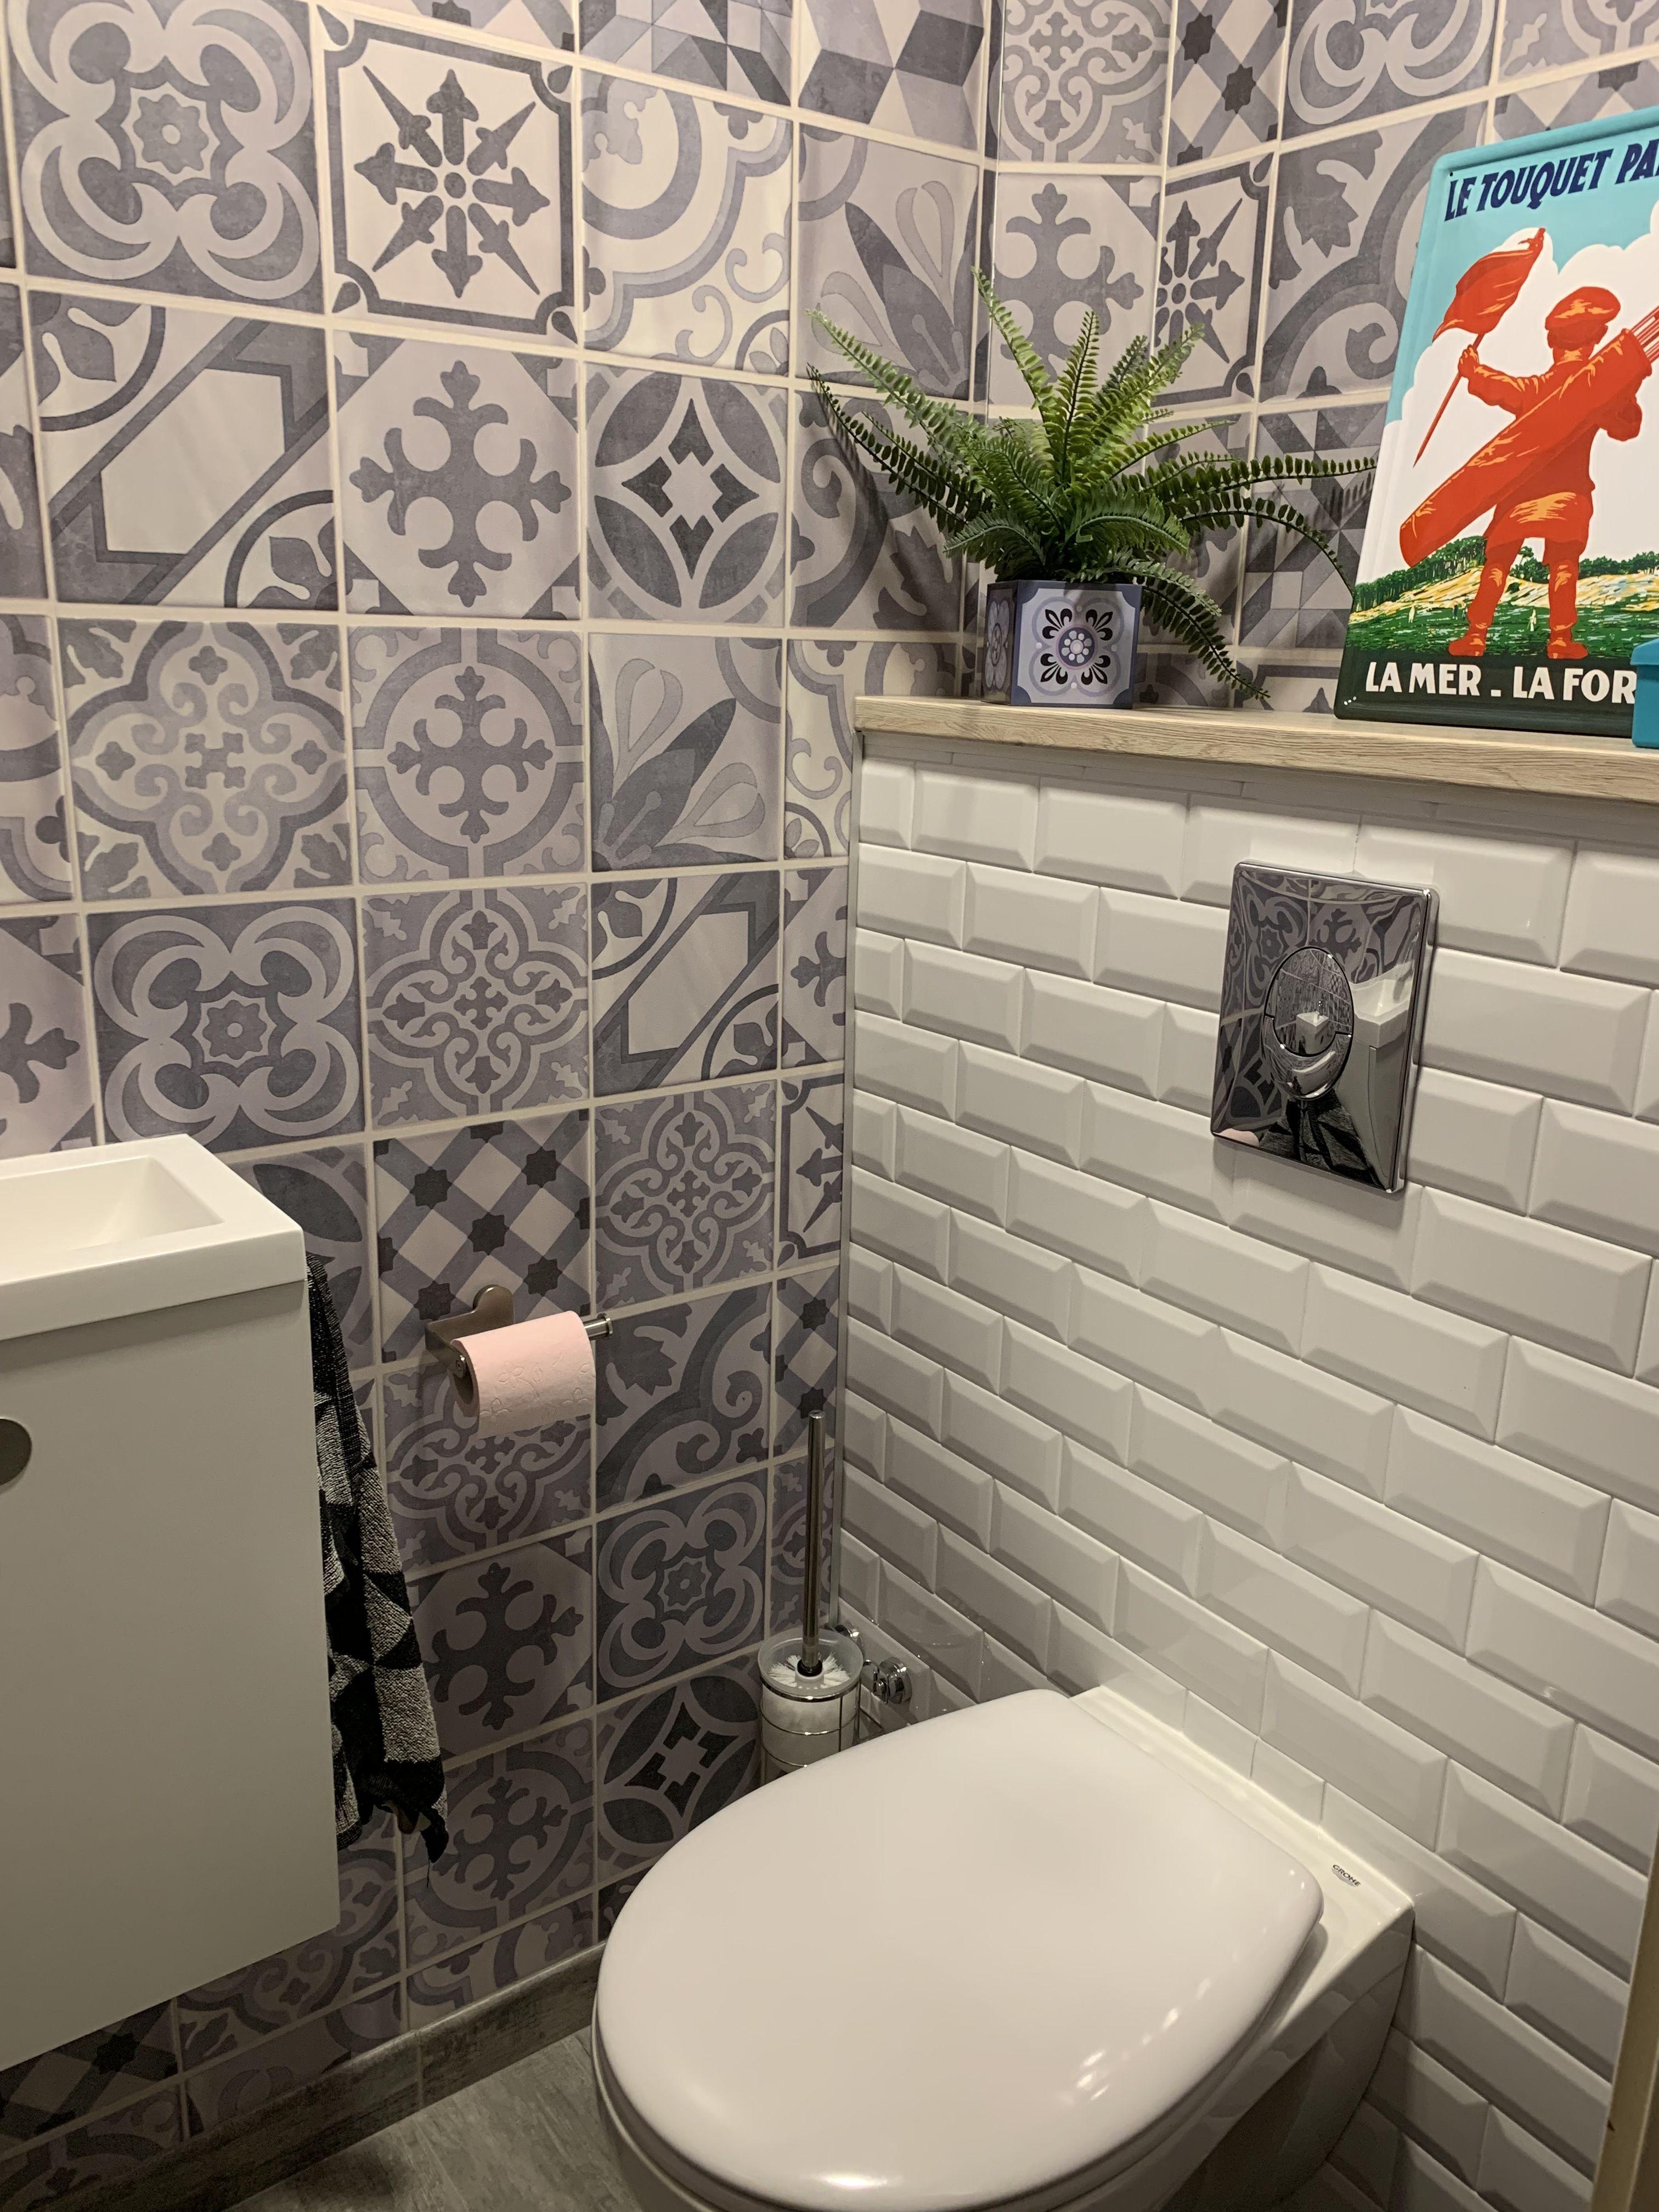 Toilettes Murs Effet Carreaux De Ciment Et Utilisation Du Carrelage Metro Wc Deco Toilettes Carrelage Metro Toilettes